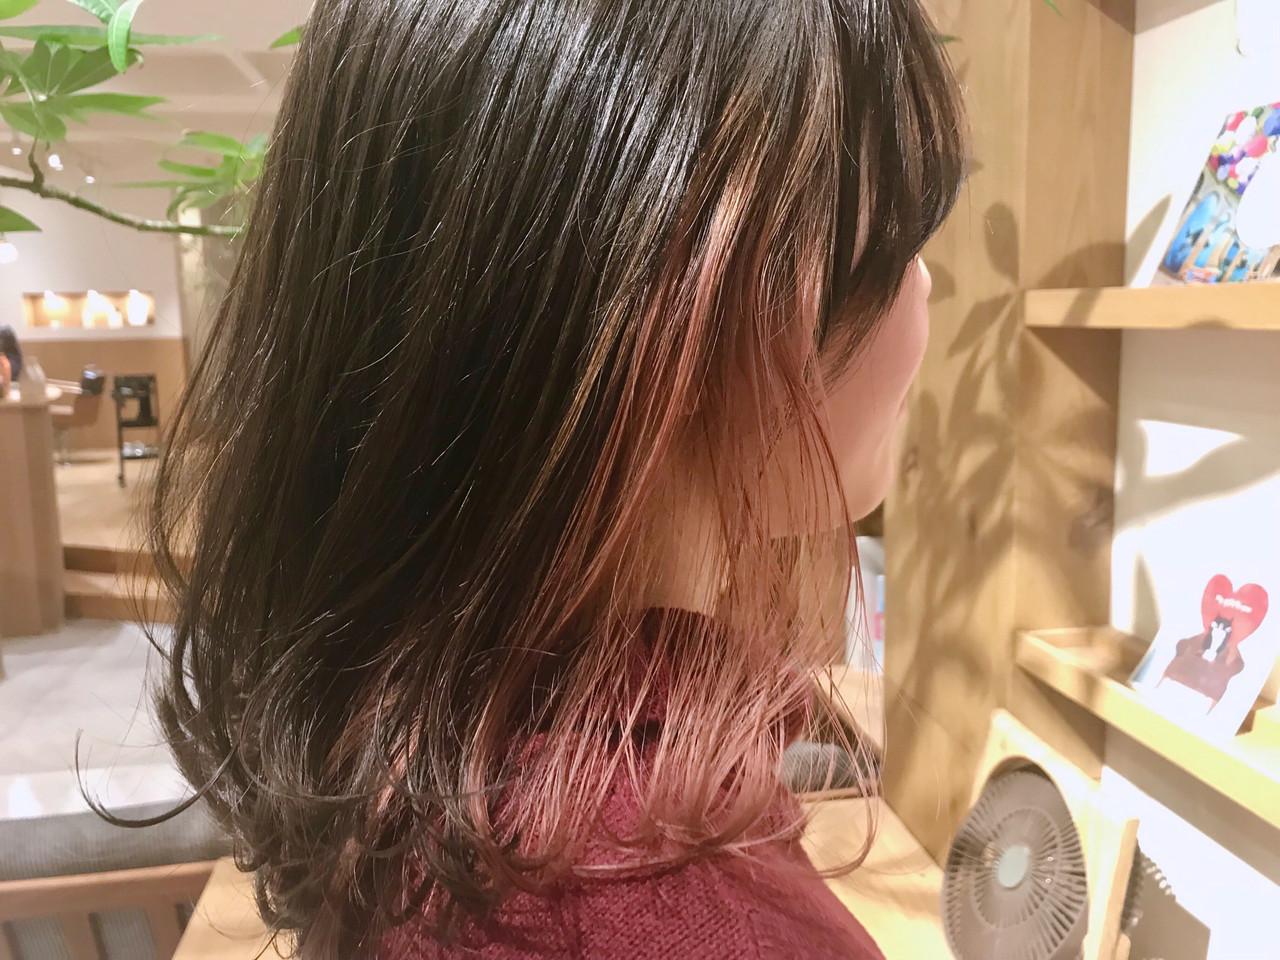 透明感カラー アンニュイほつれヘア ナチュラル ピンクベージュ ヘアスタイルや髪型の写真・画像